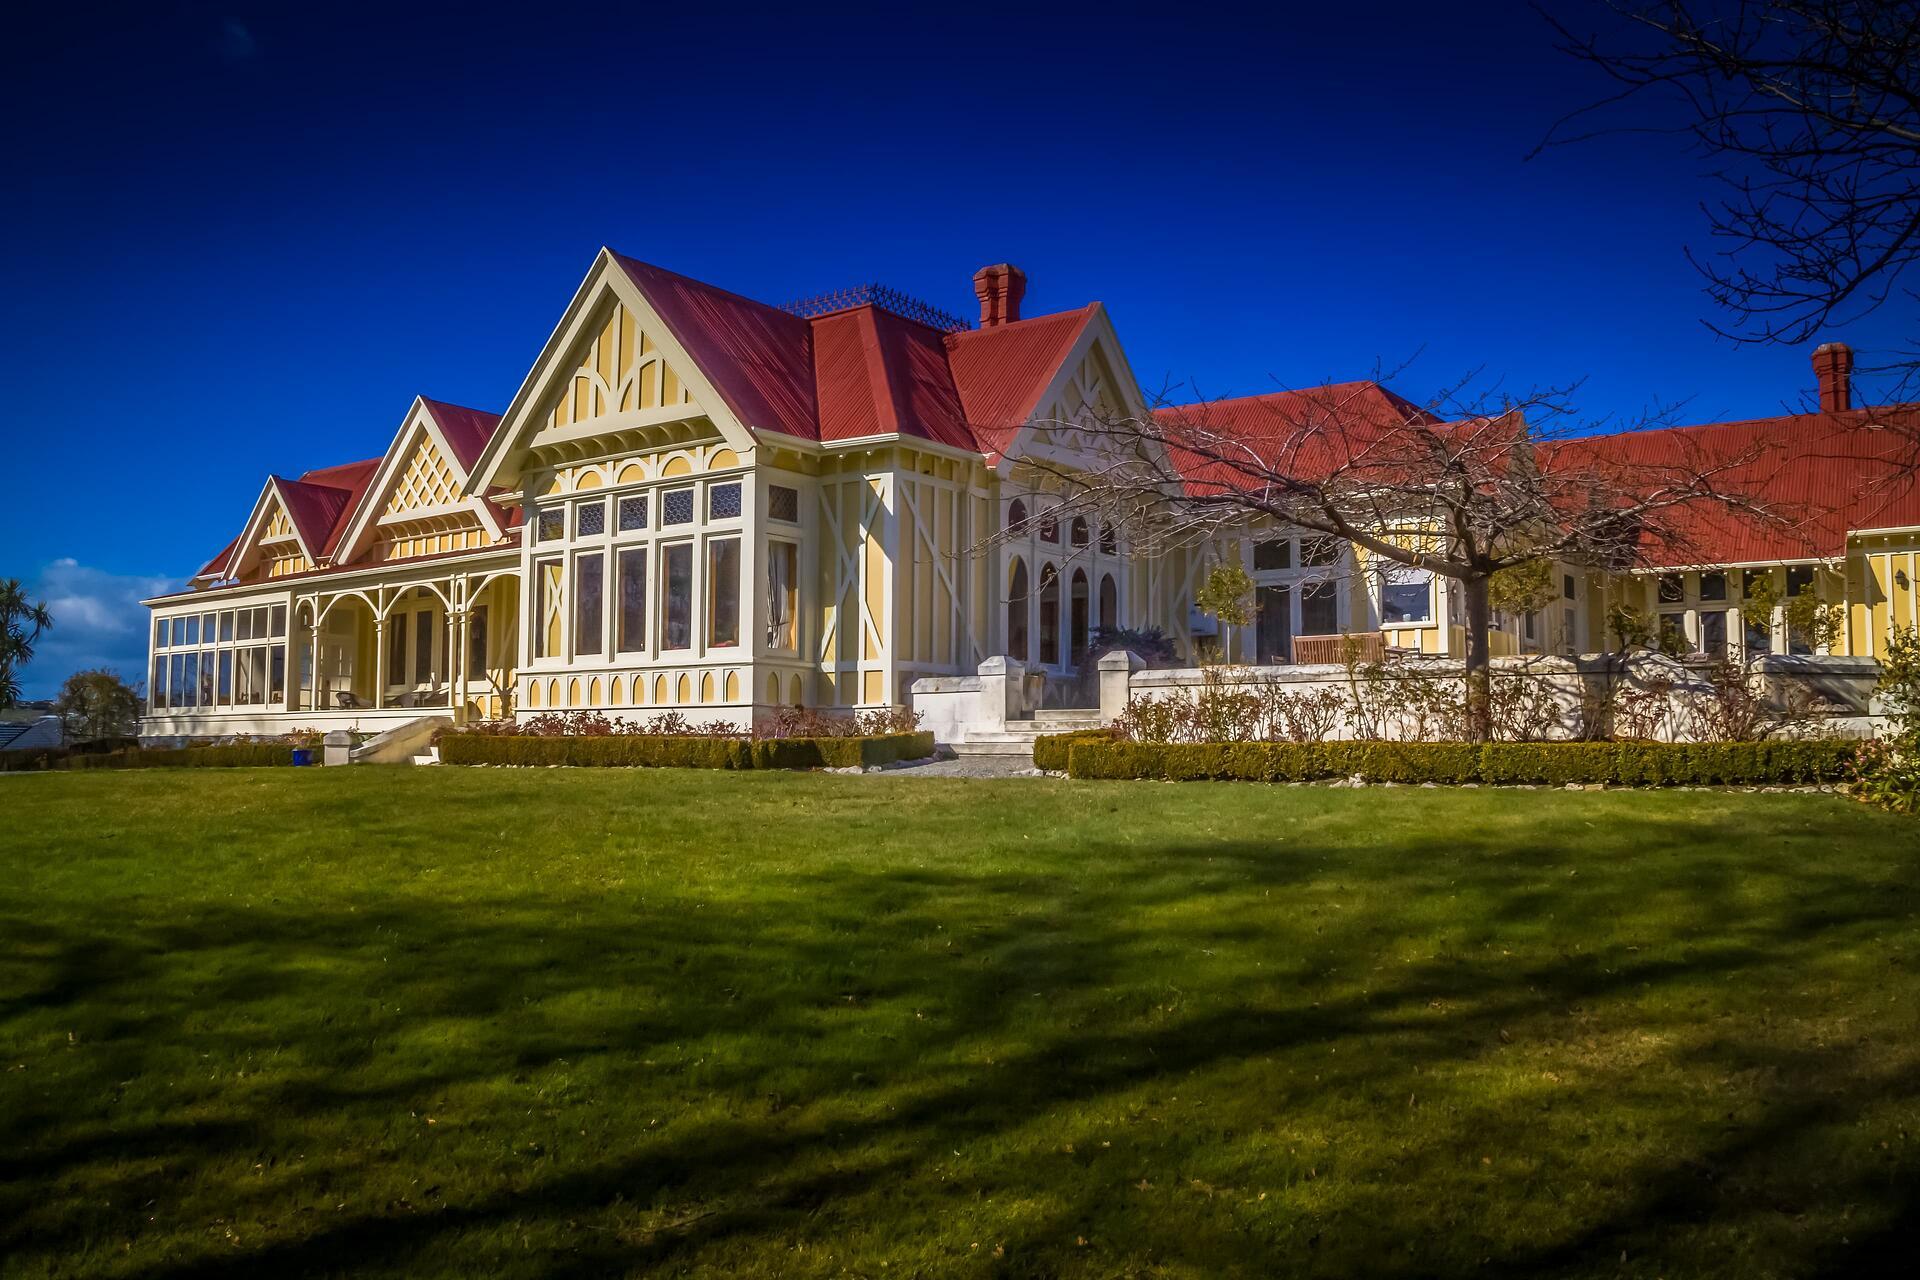 Pen-y-bryn-Lodge-Autumn